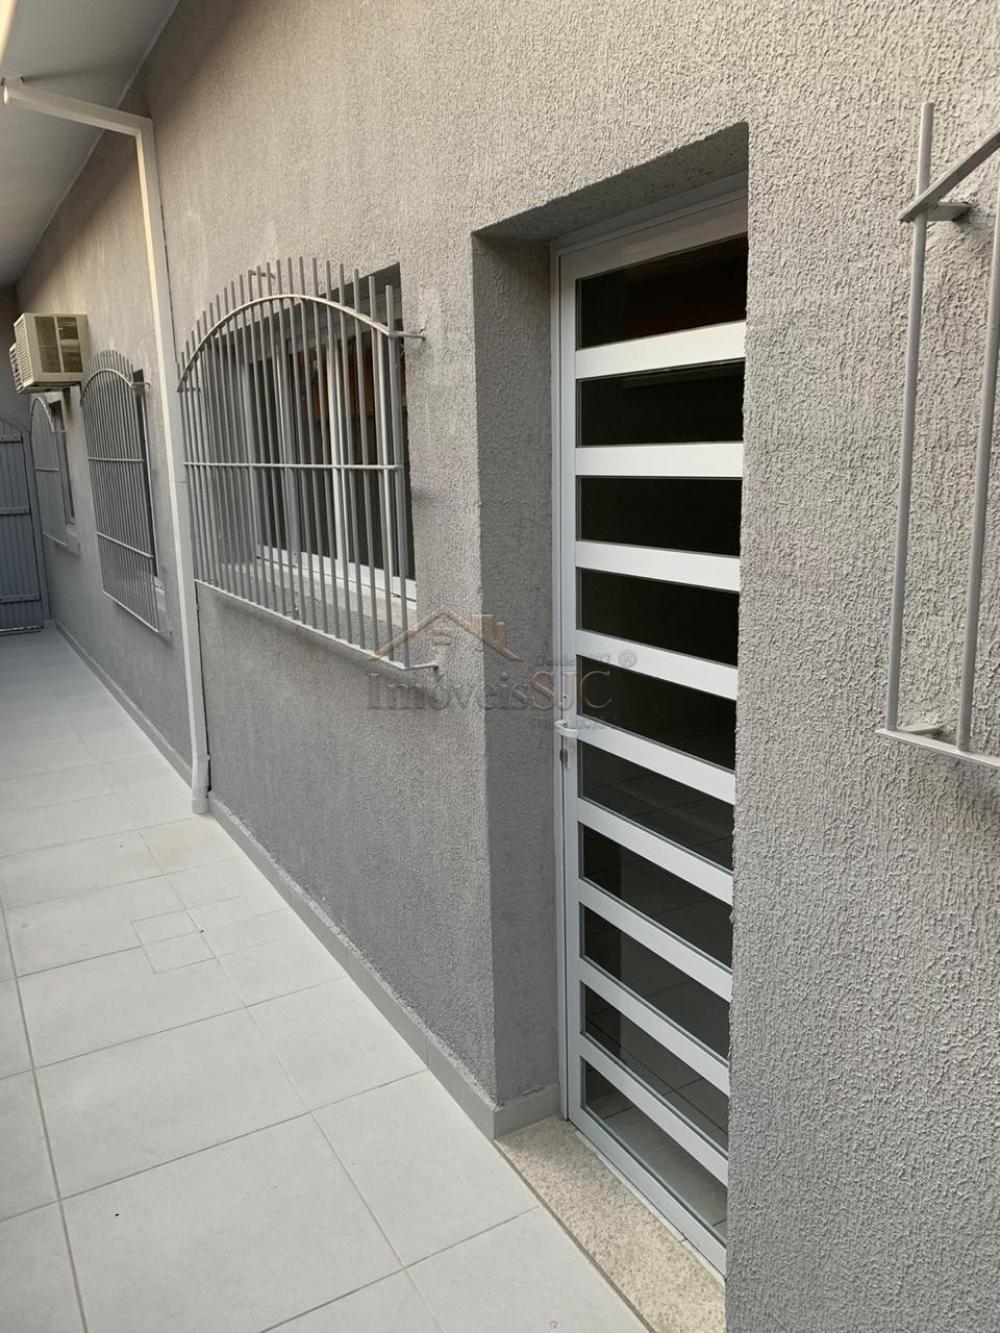 Alugar Comerciais / Casa Comercial em São José dos Campos apenas R$ 5.000,00 - Foto 16